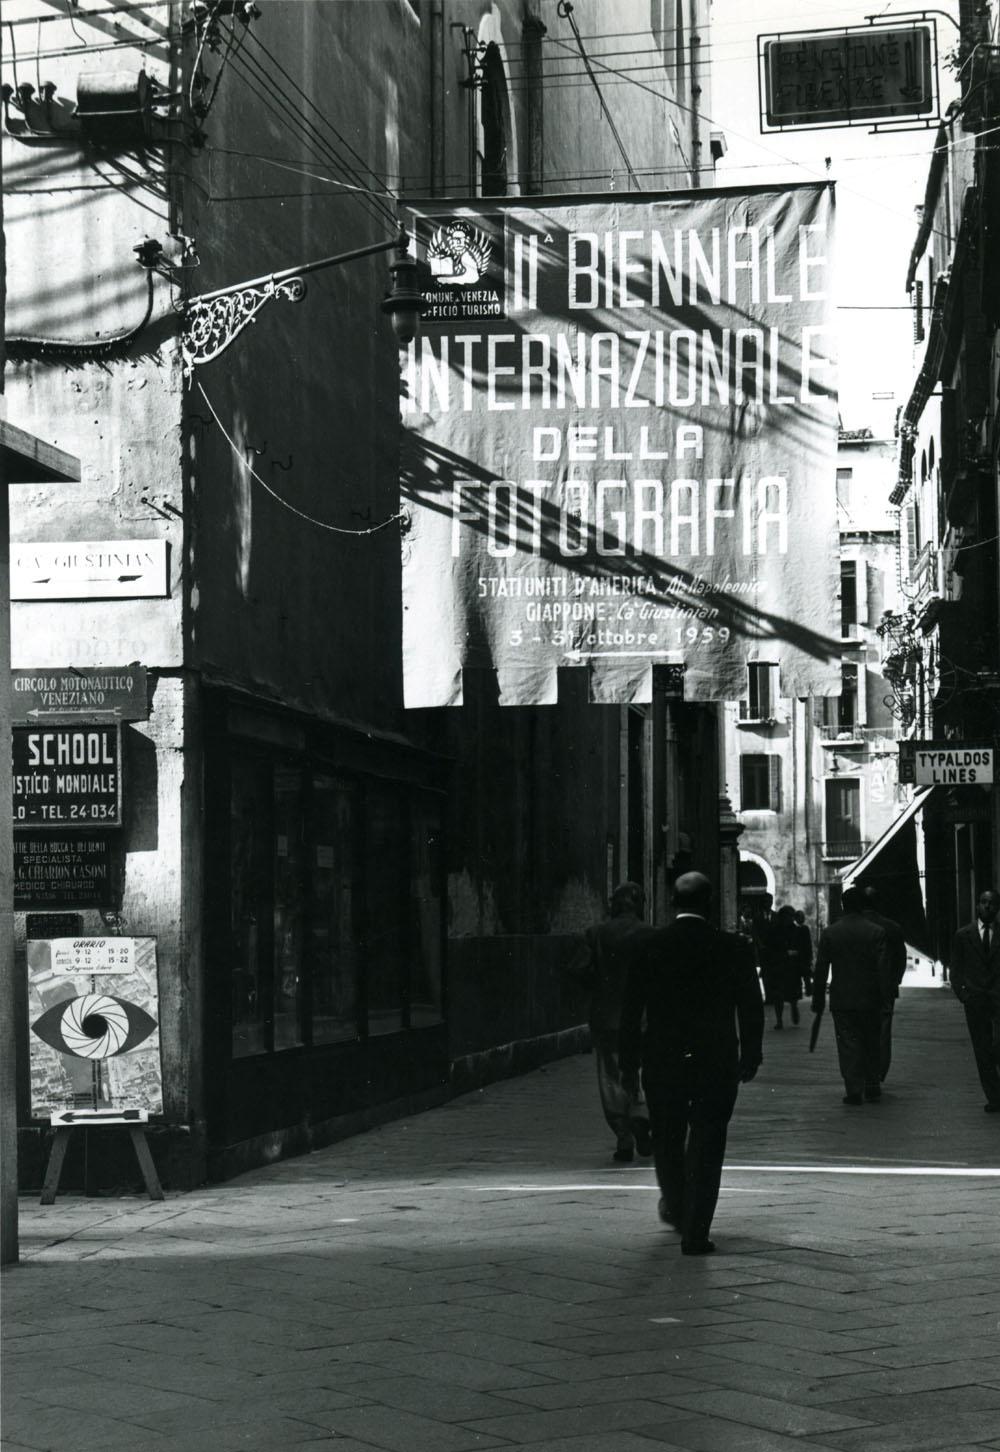 II Biennale Internazioanle della Fotografia. Foto GiuseppeBruno1959. Colelzione Romeo e Jacqueline Martinez sm